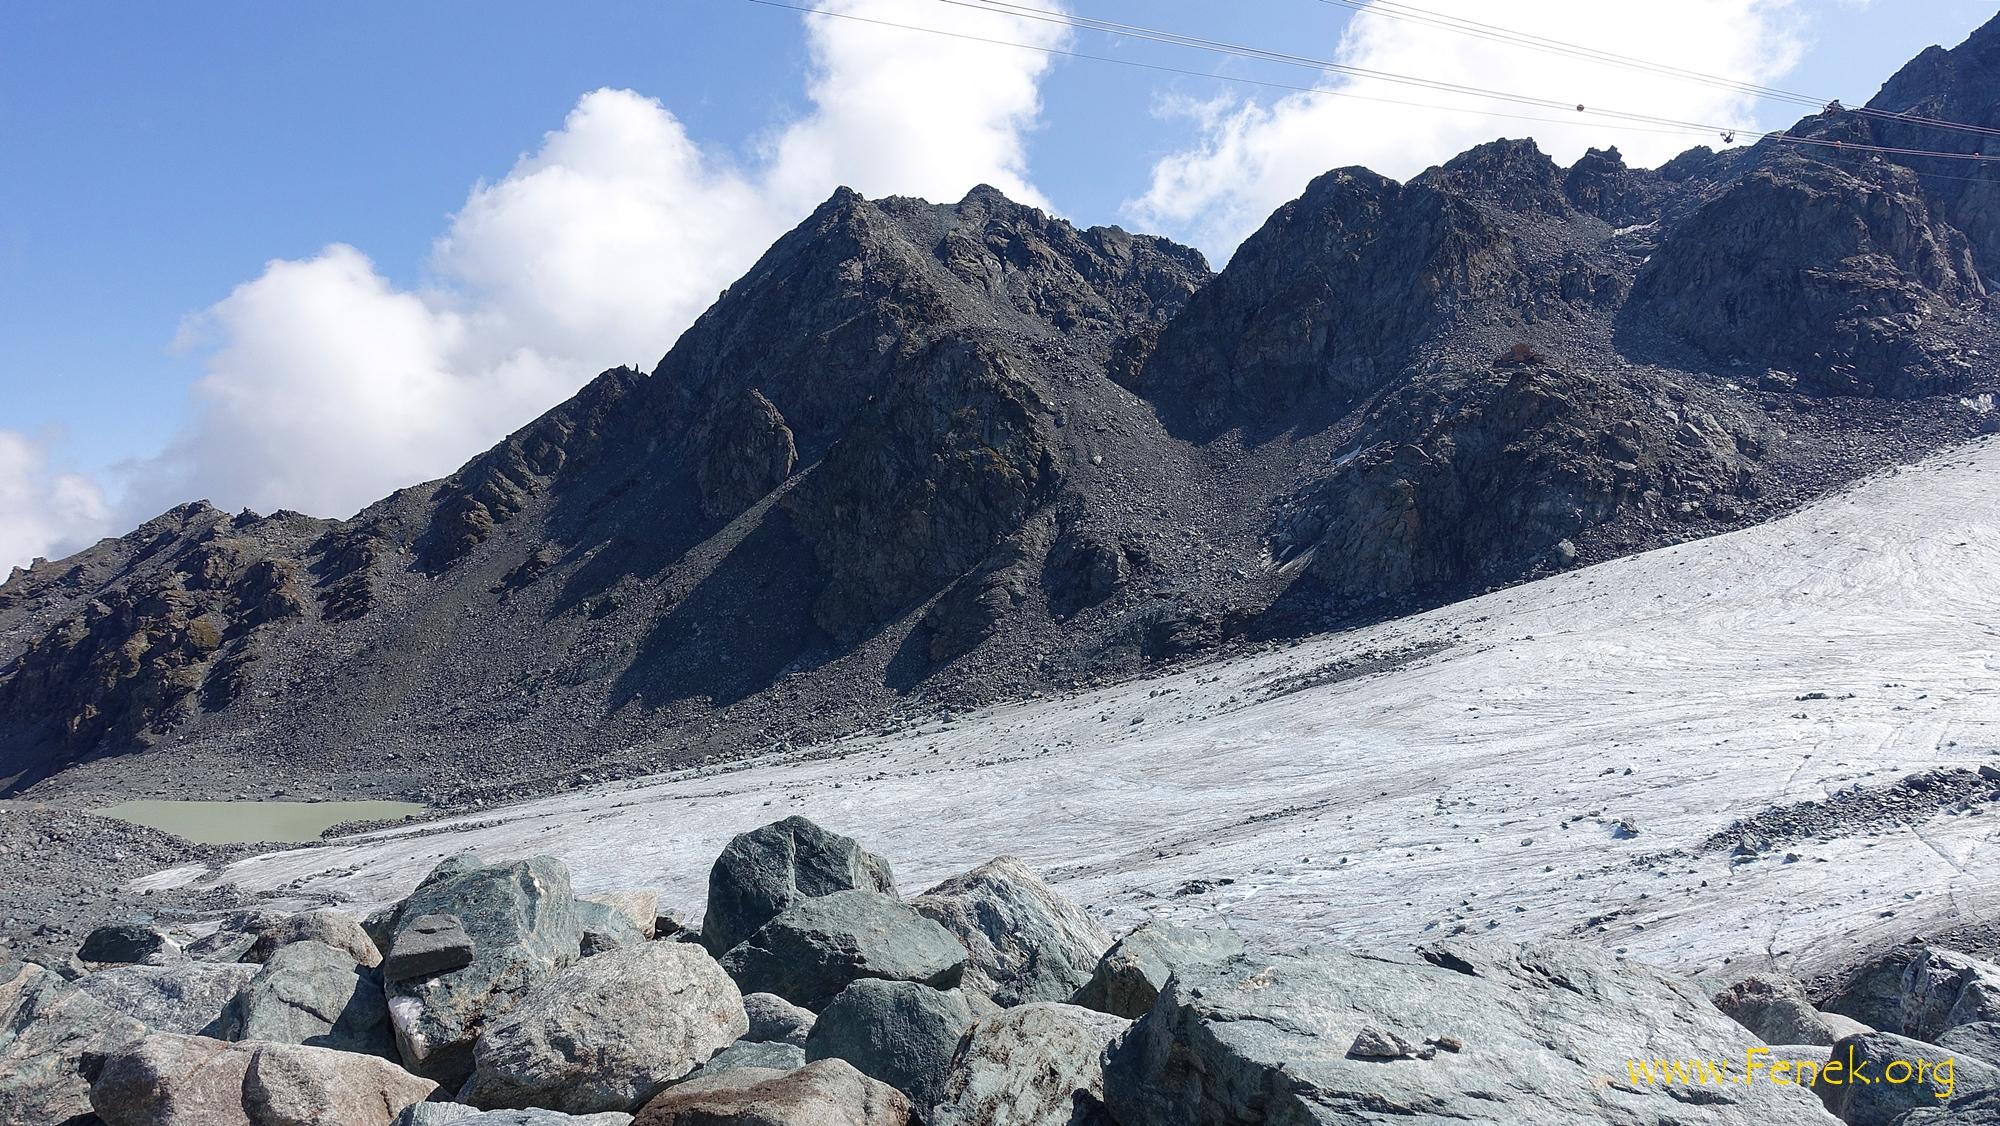 Vom Col des Gentianes sieht man die Schuttflanke die zum Bec des Etagnes führt